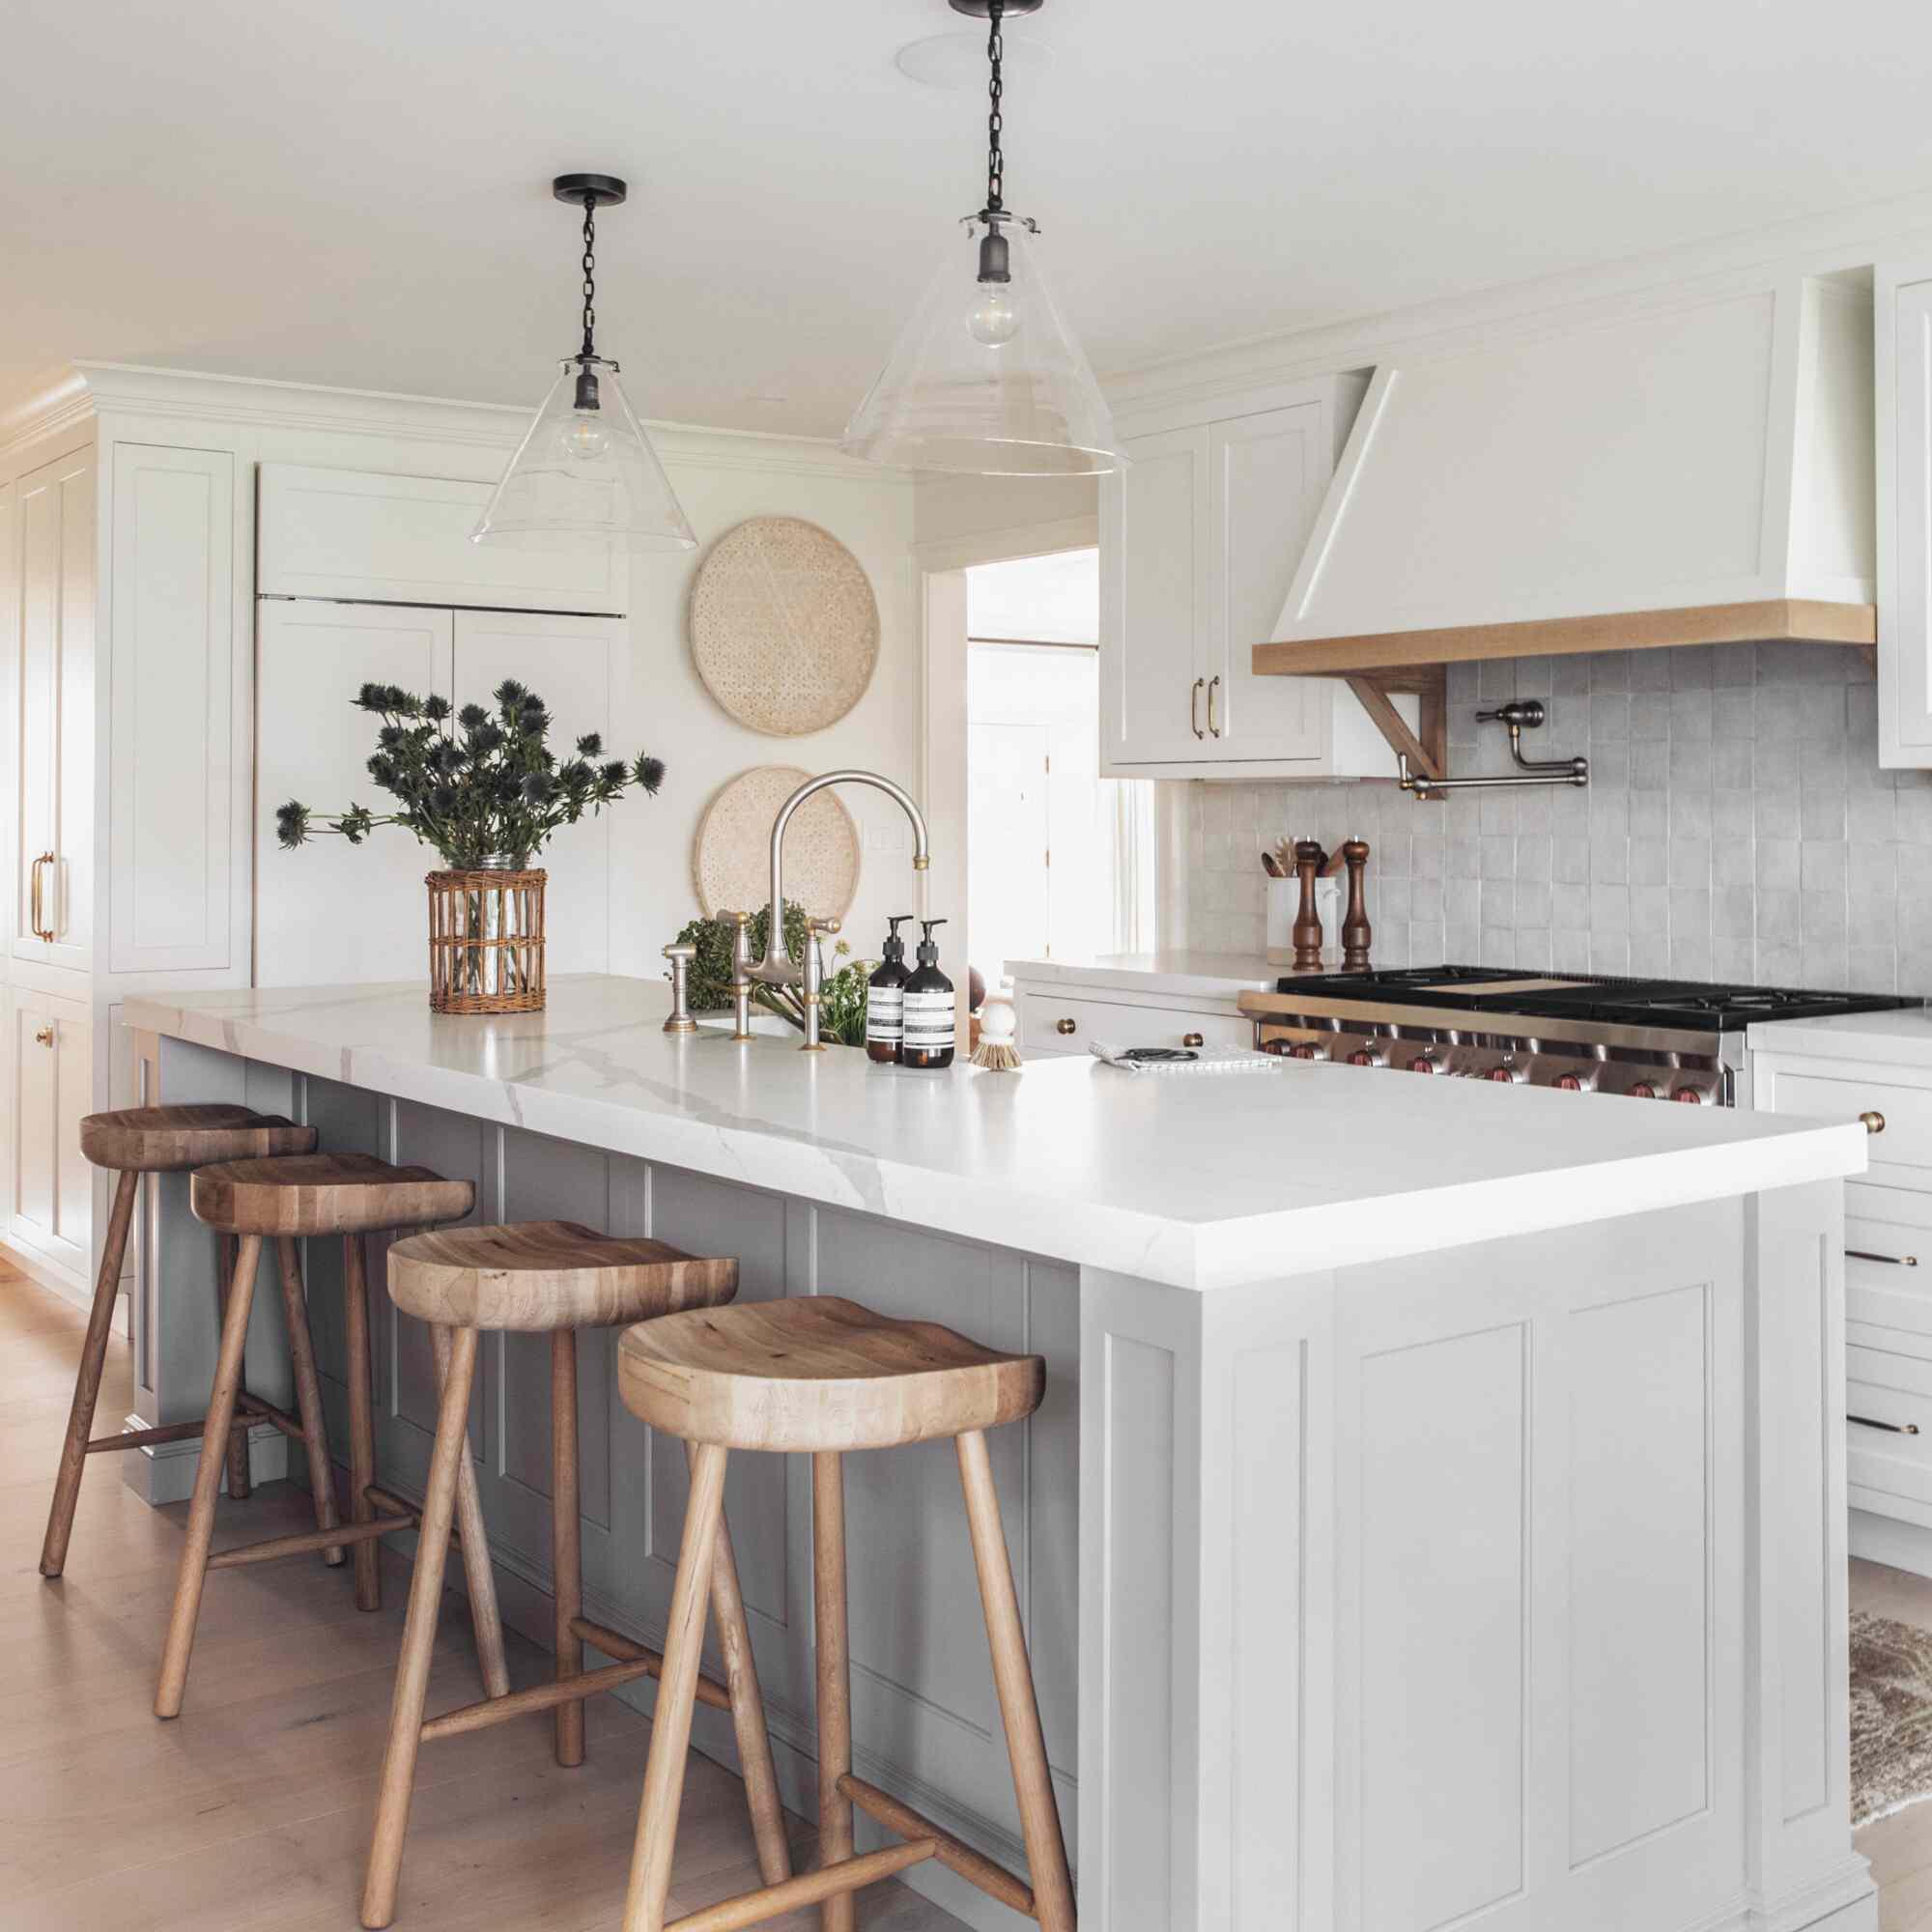 5 bí mật của những người luôn có căn bếp ngăn nắp, sạch sẽ mà không phải dọn dẹp quá nhiều - Ảnh 6.